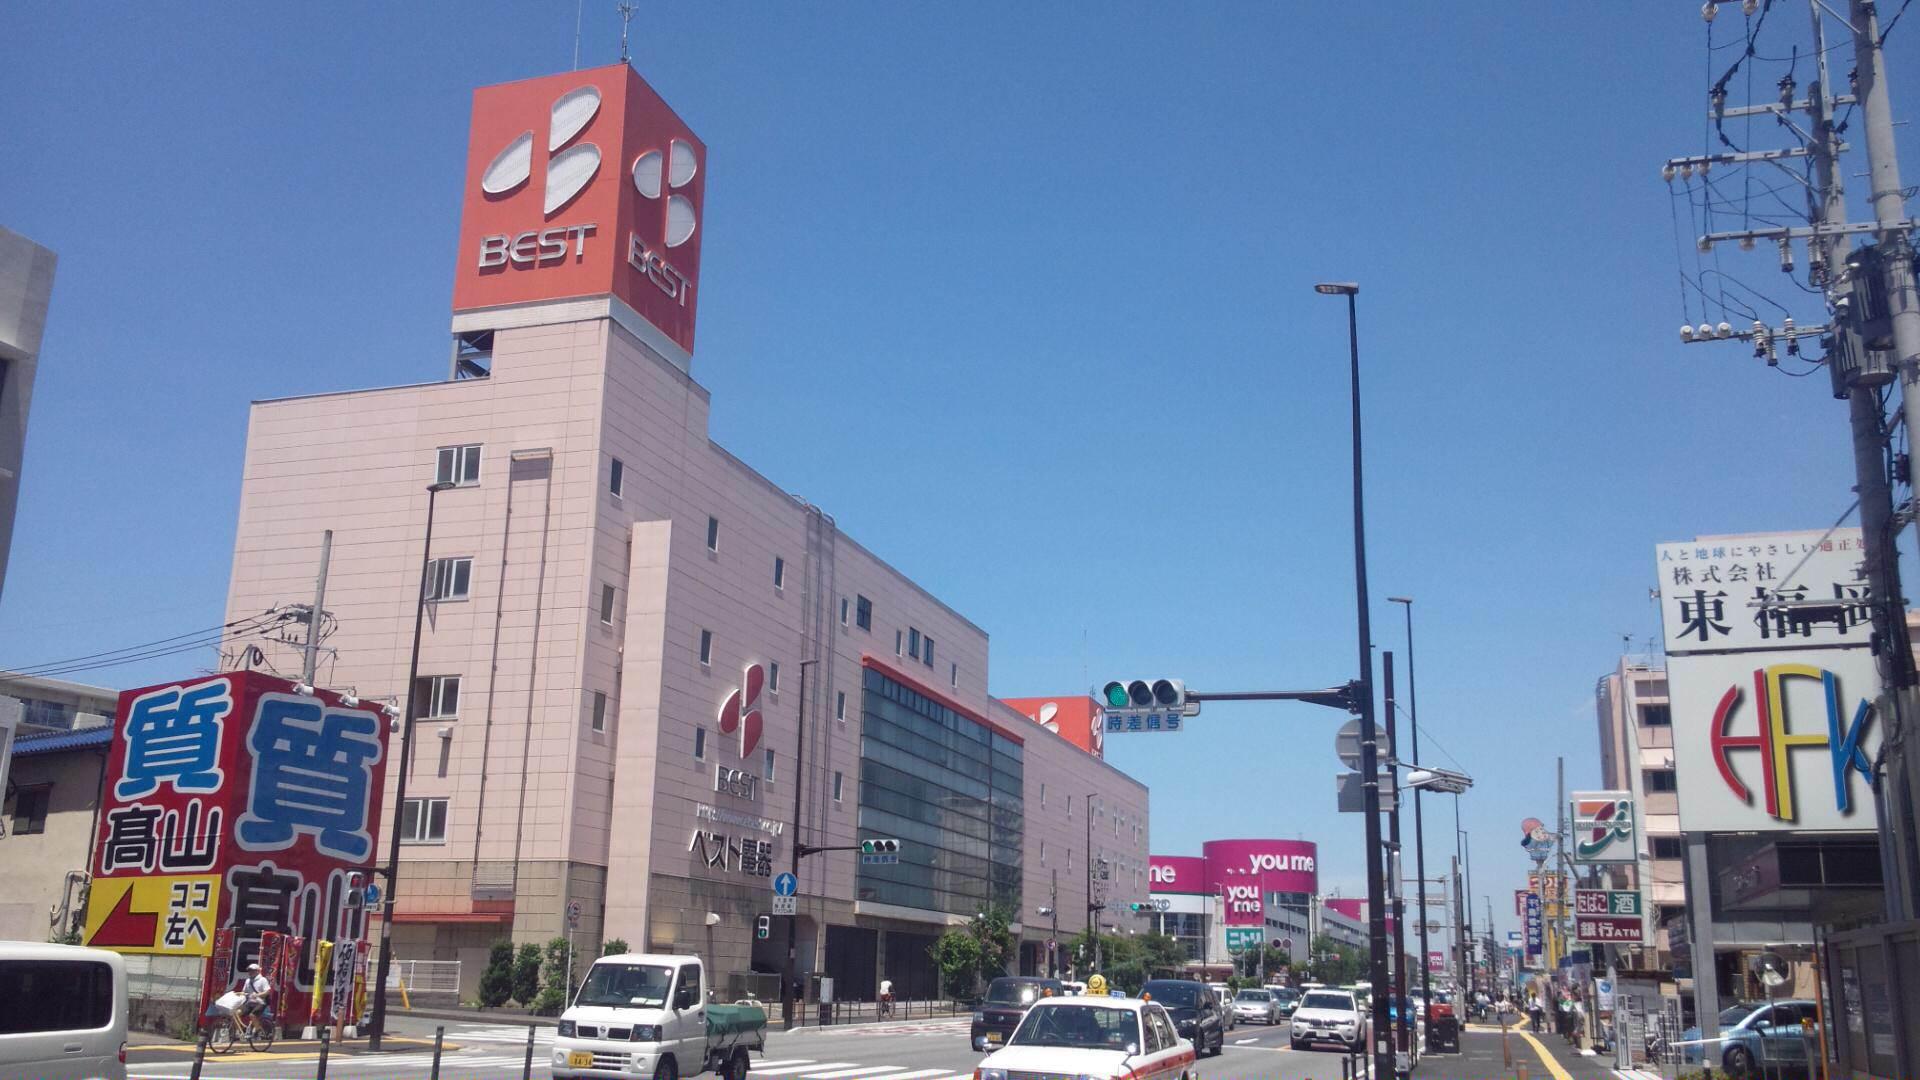 ベスト 電器 沖縄